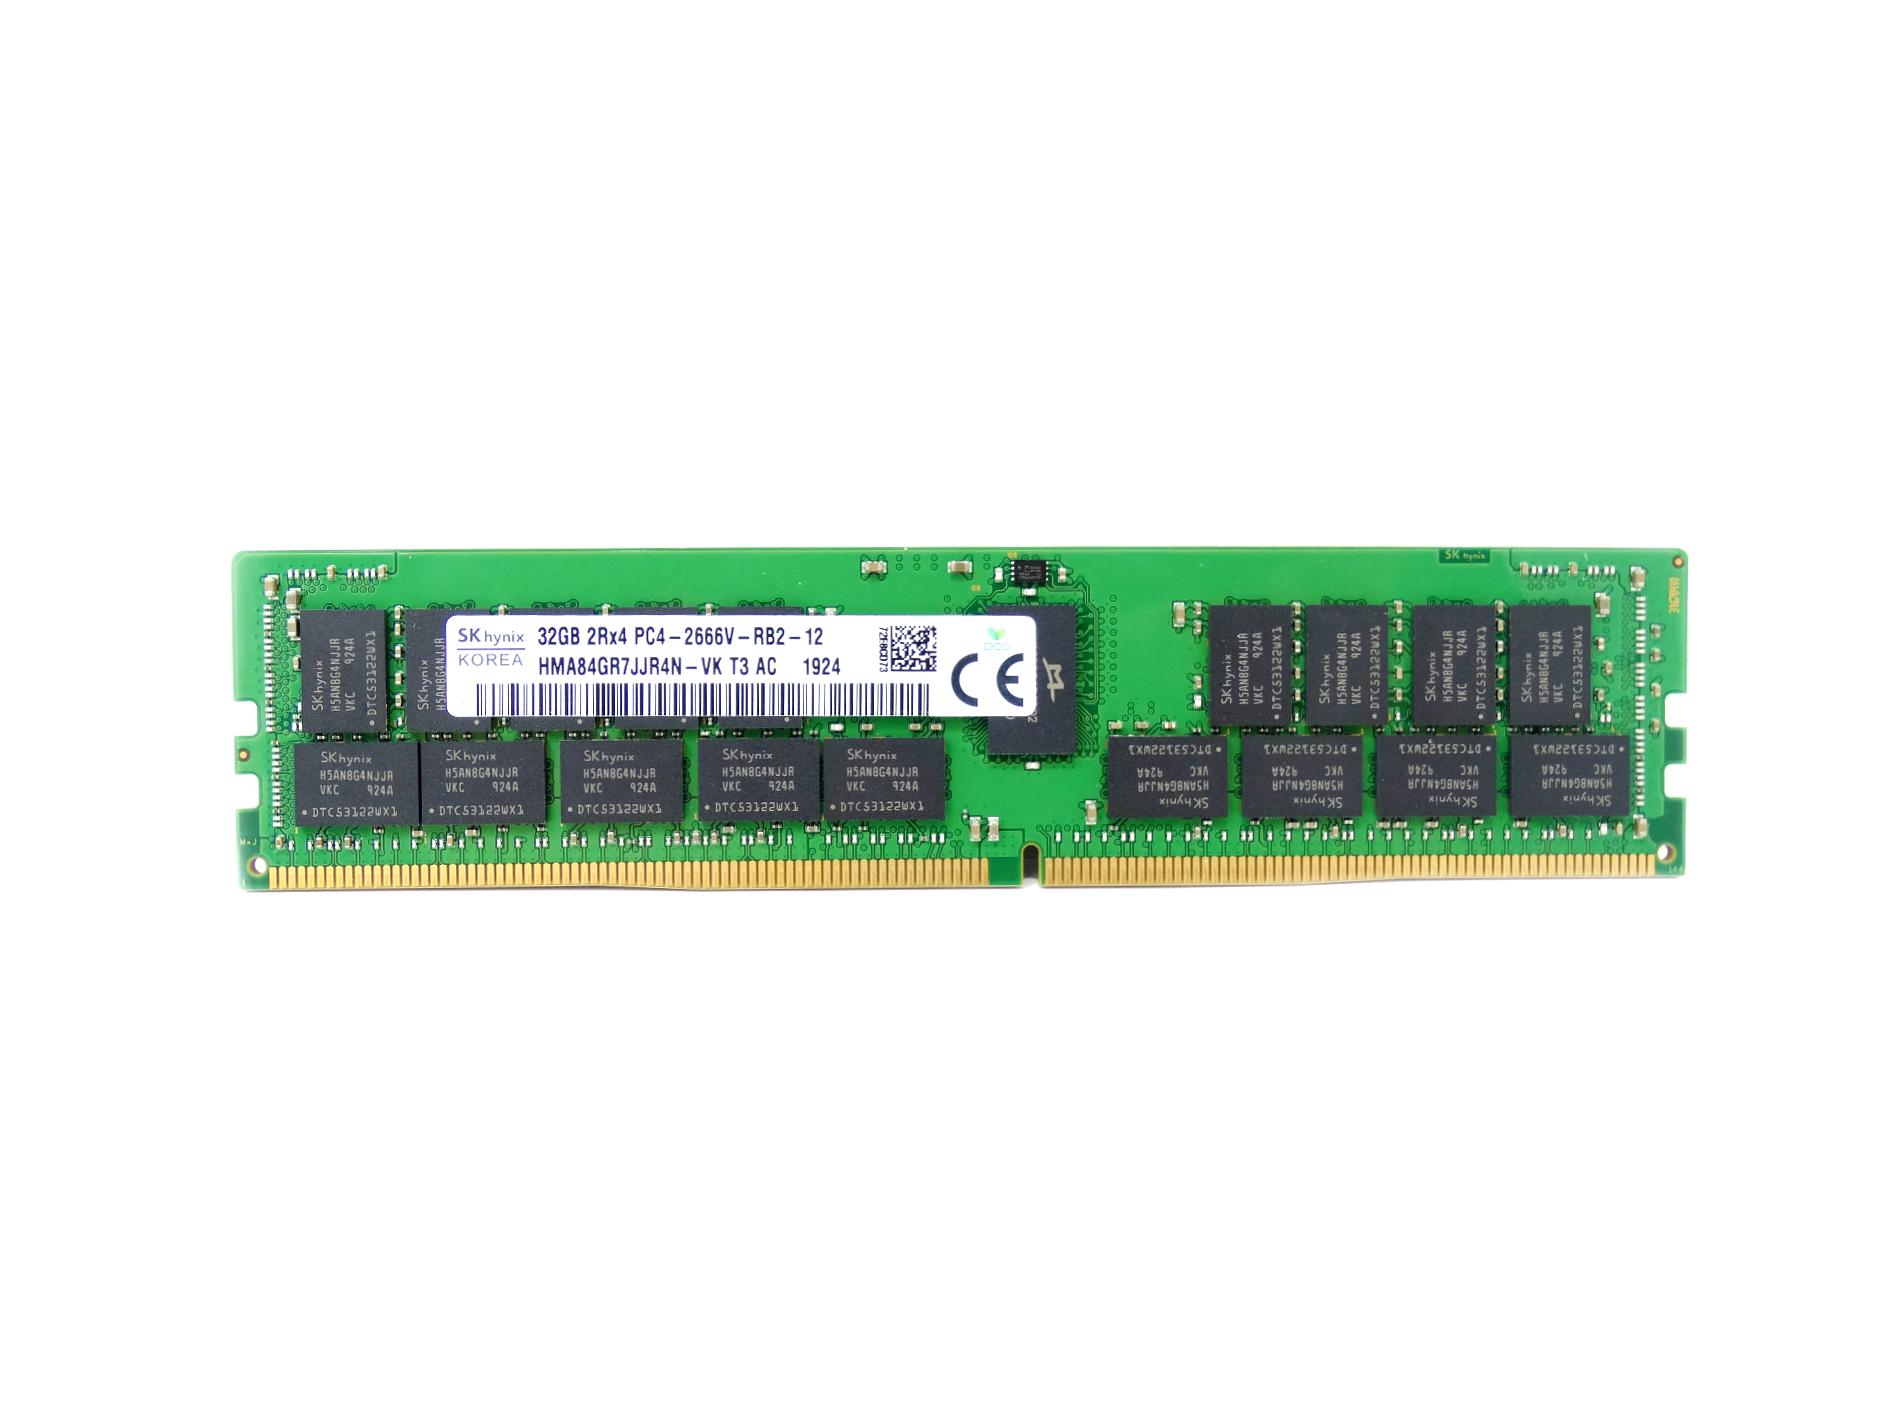 Hynix 32GB 2Rx4 PC4-21300 DDR4 2666MHz ECC Regulated RAM Memory (HMA84GR7JJR4N-VK)